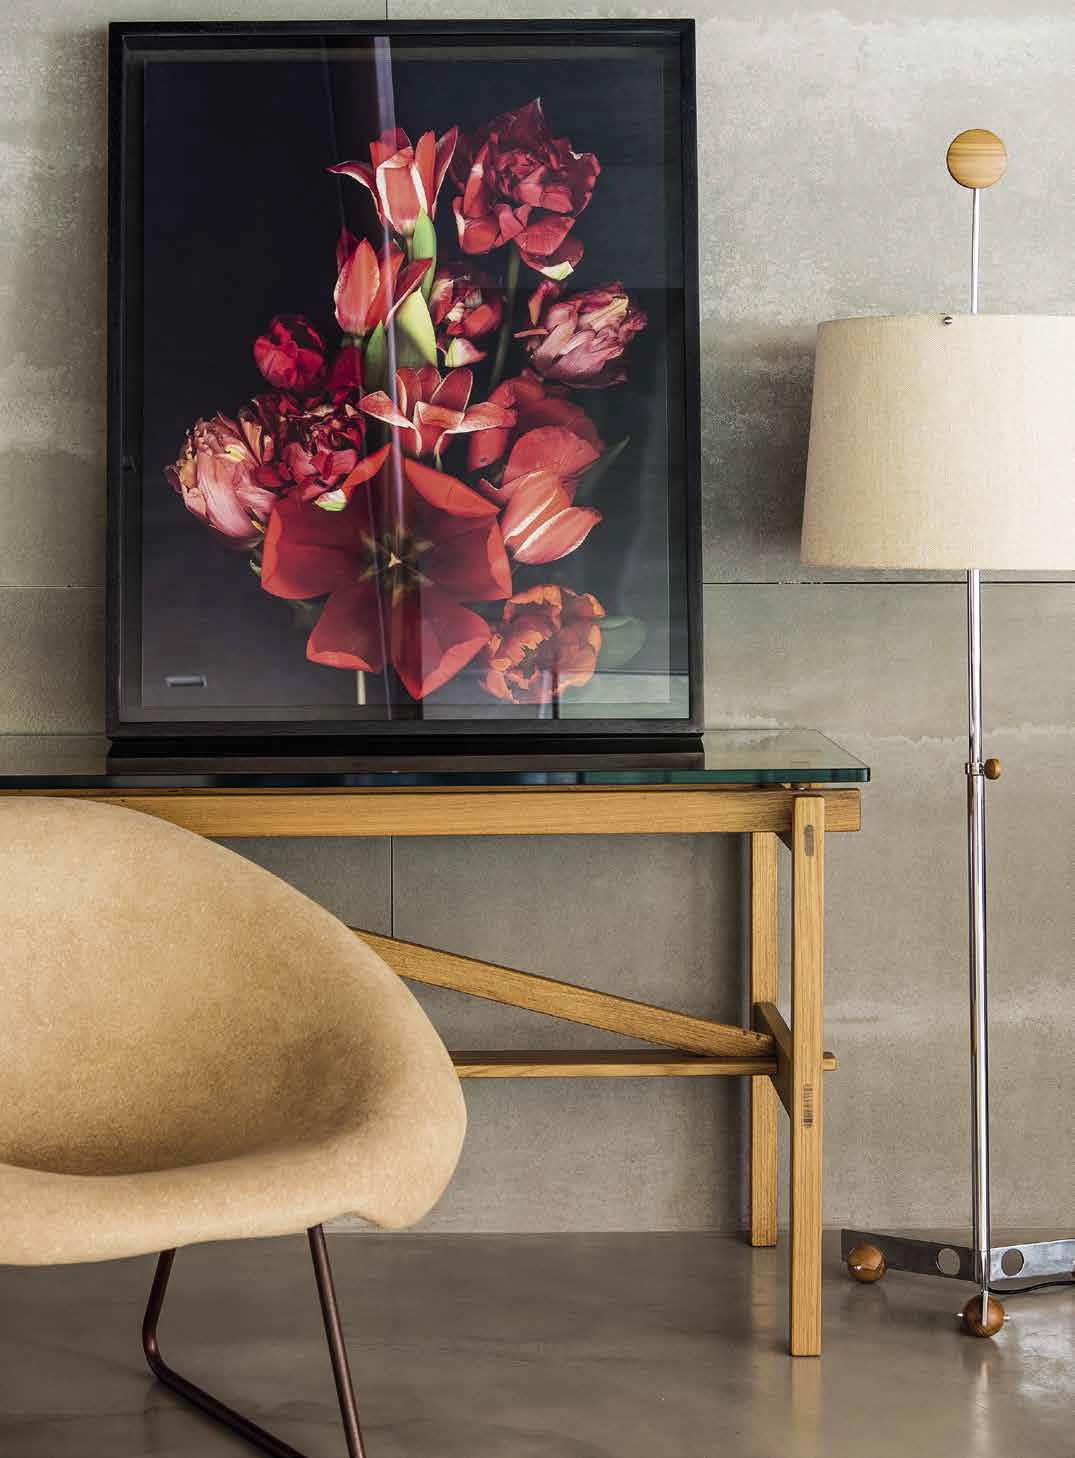 2-estampas-florais-no-decor-para-celebrar-o-verao